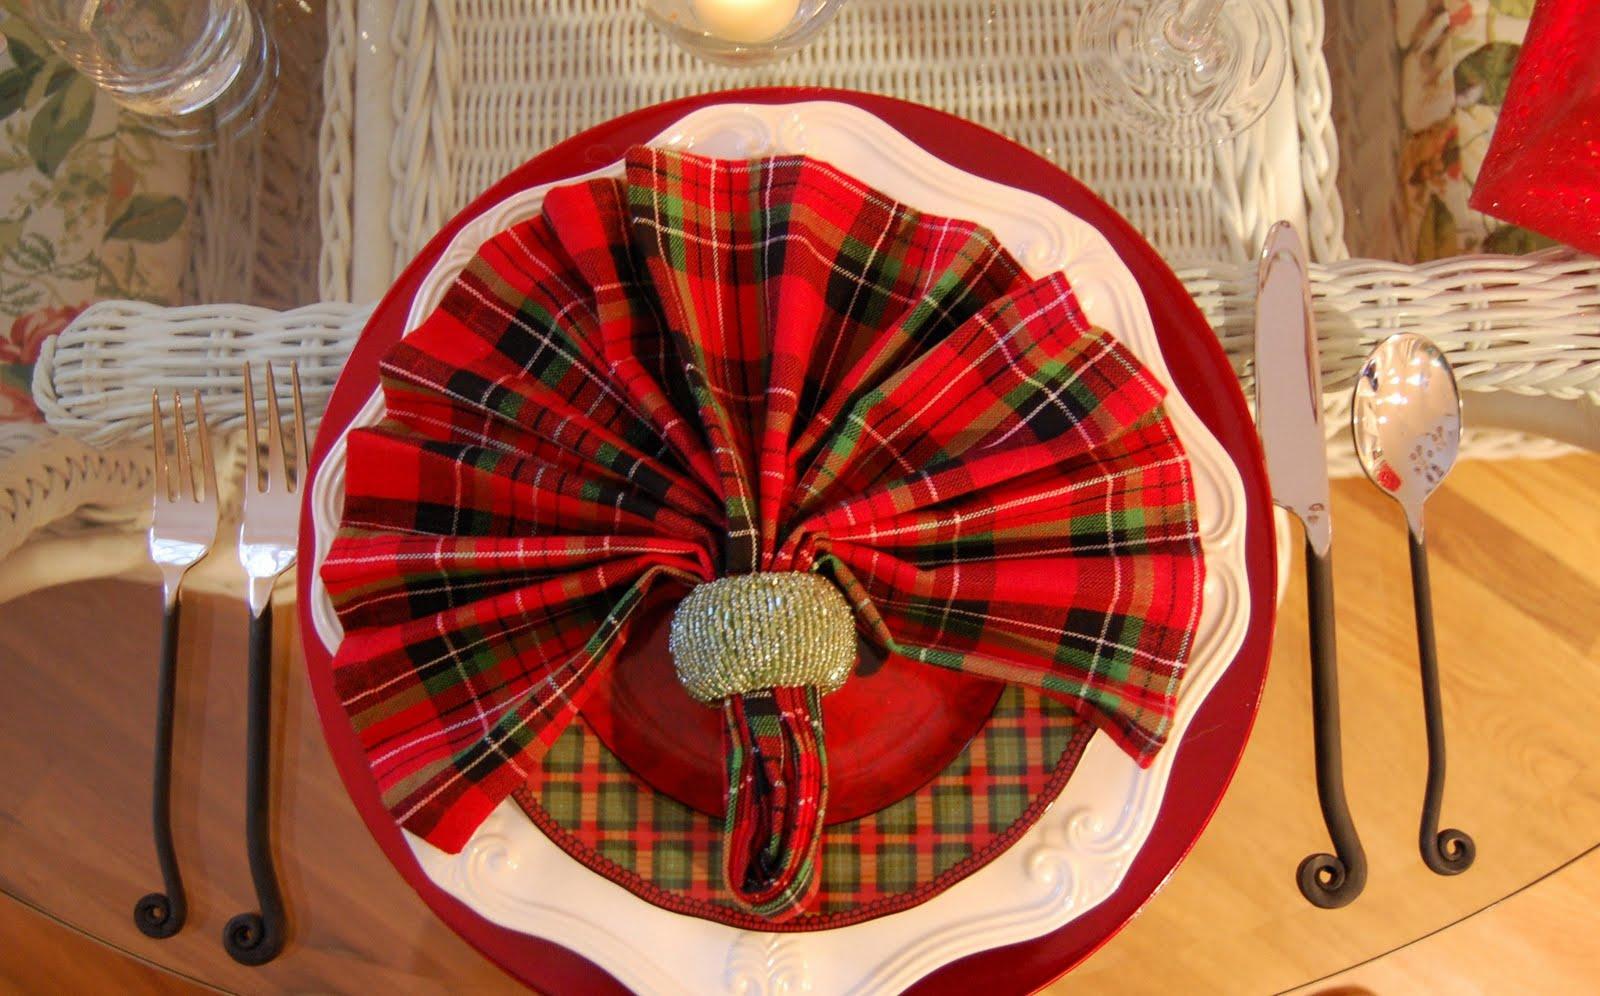 Как красиво сложить салфетки на праздничный стол 12 простых пошаговых 92